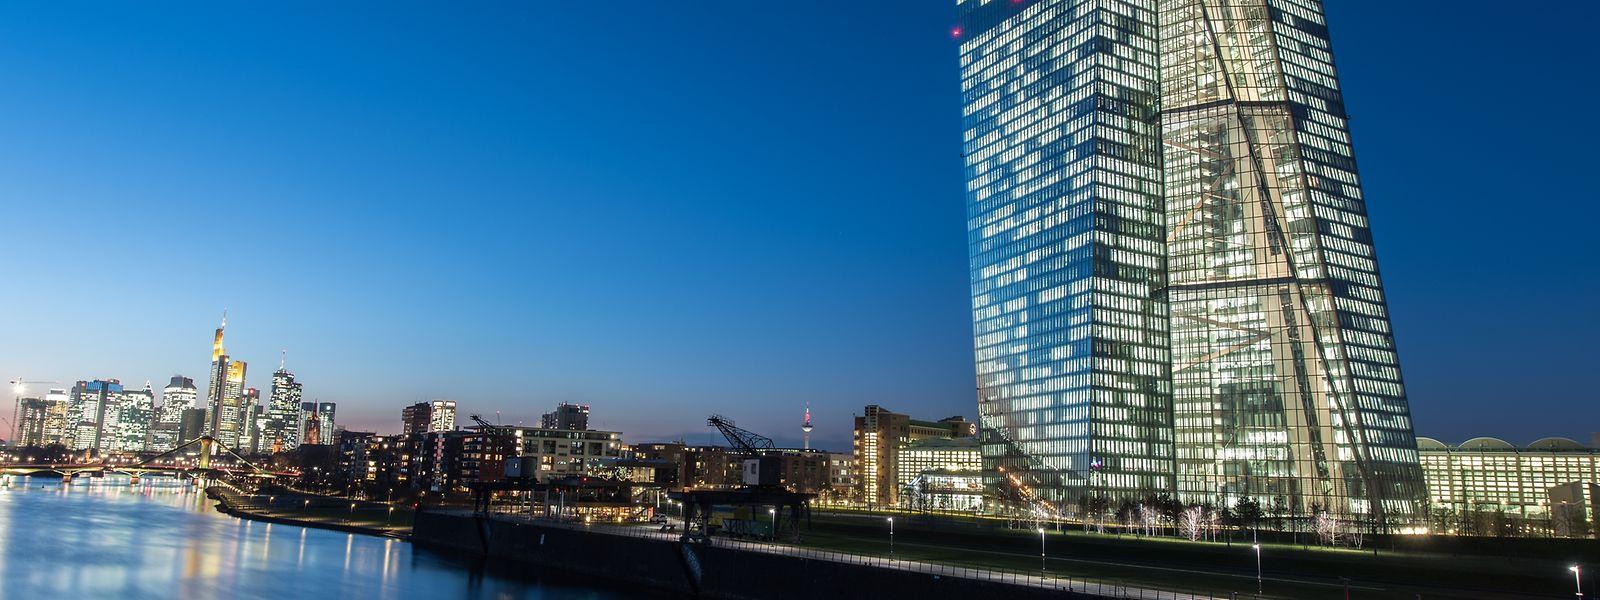 Im letzten Licht des Tages leuchtet das Gebäude der Europäischen Zentralbank.